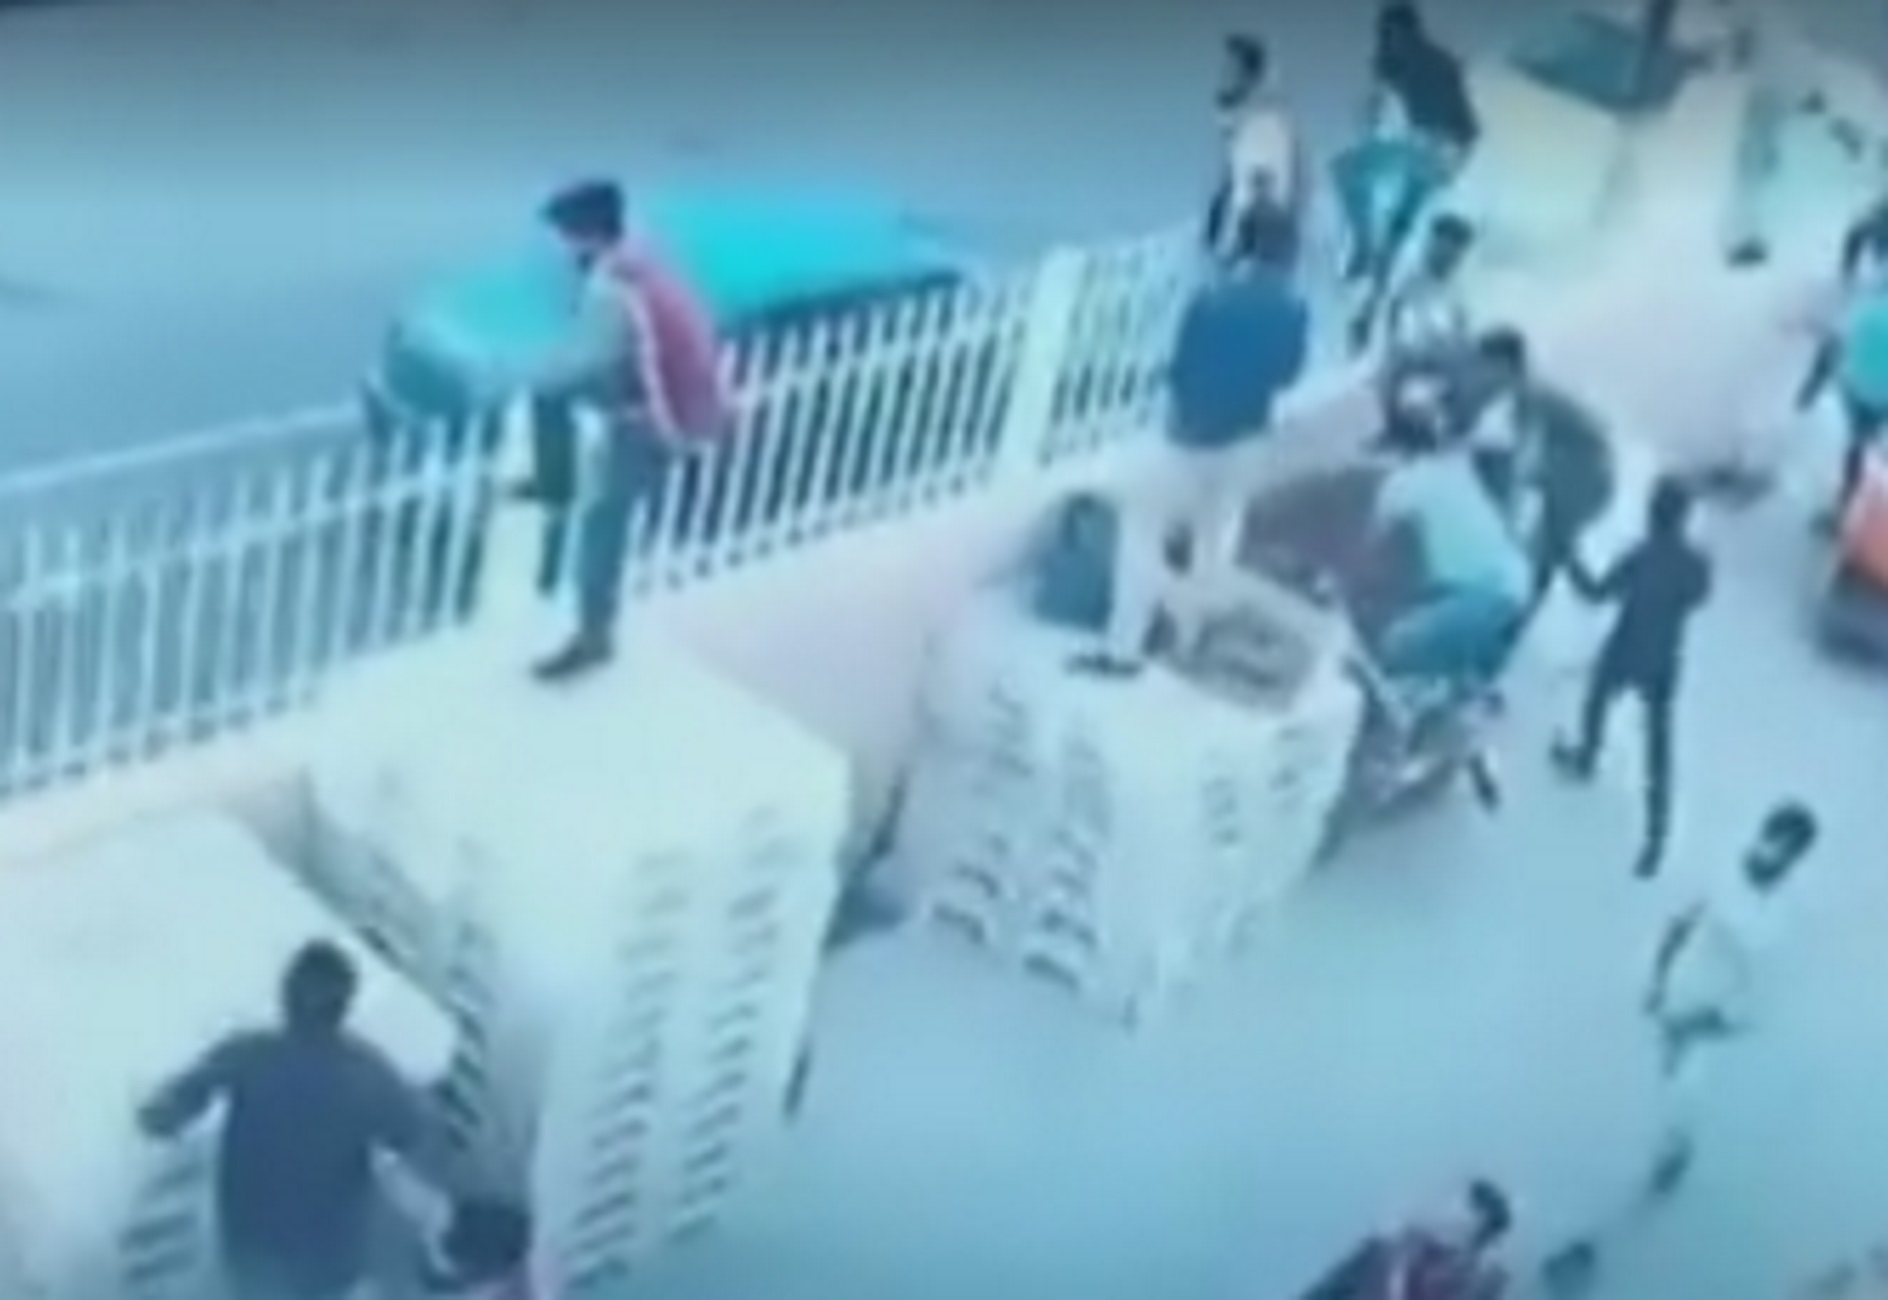 Κρήτη: Βίντεο ντοκουμέντο από την άγρια συμπλοκή Ελλήνων με Πακιστανούς! Πέντε οι τραυματίες